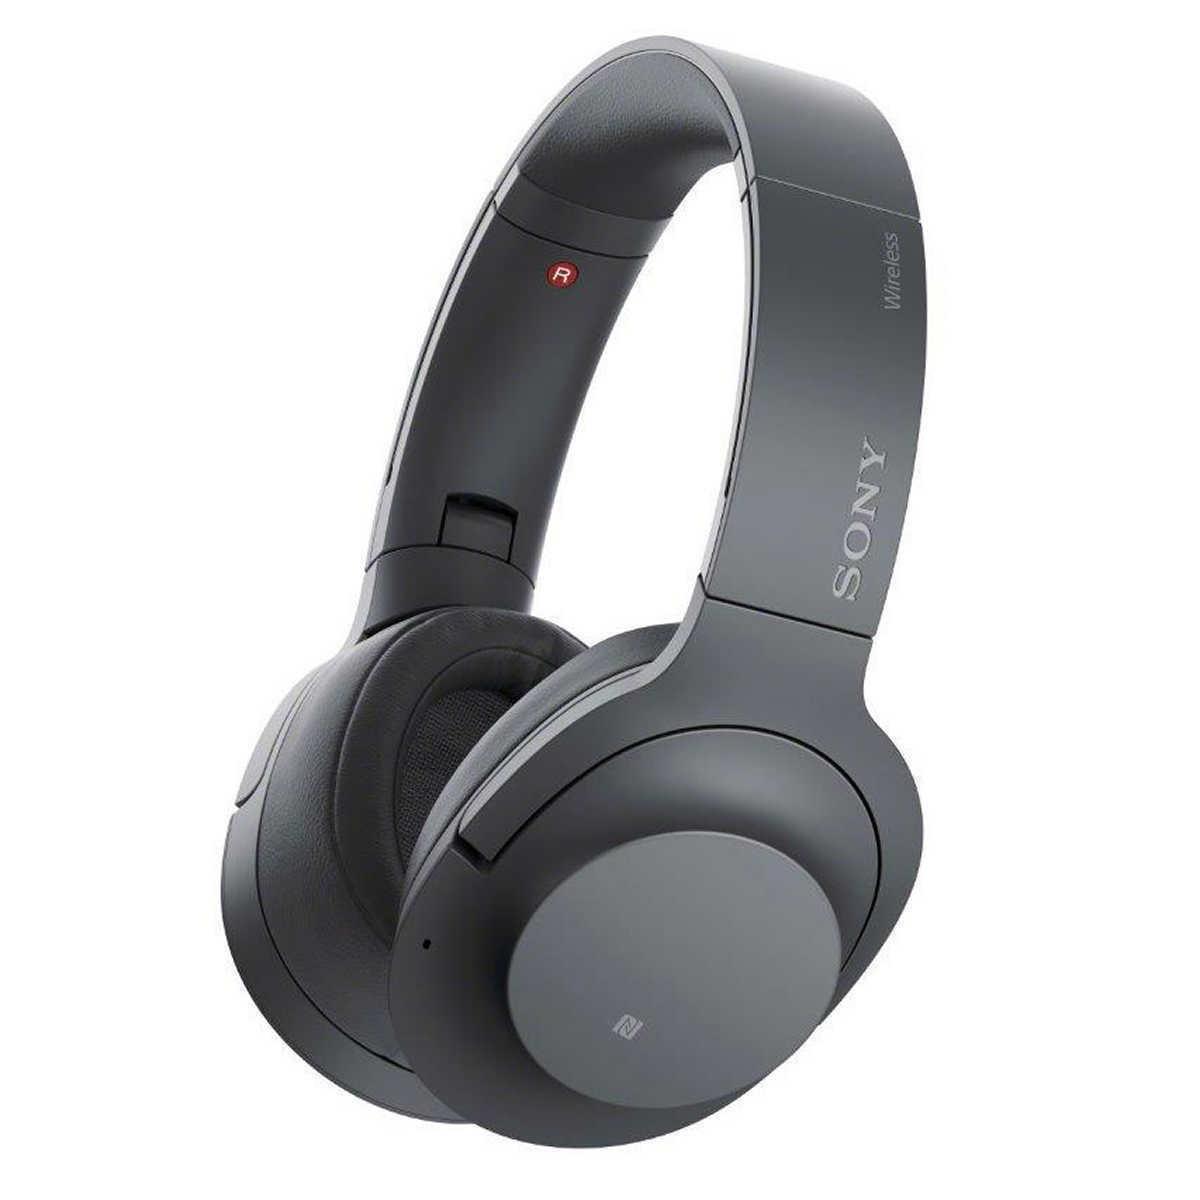 소니 WH-H900N Hear On 2 노이즈캔슬링 블랙 블루투스헤드폰, 오픈박스